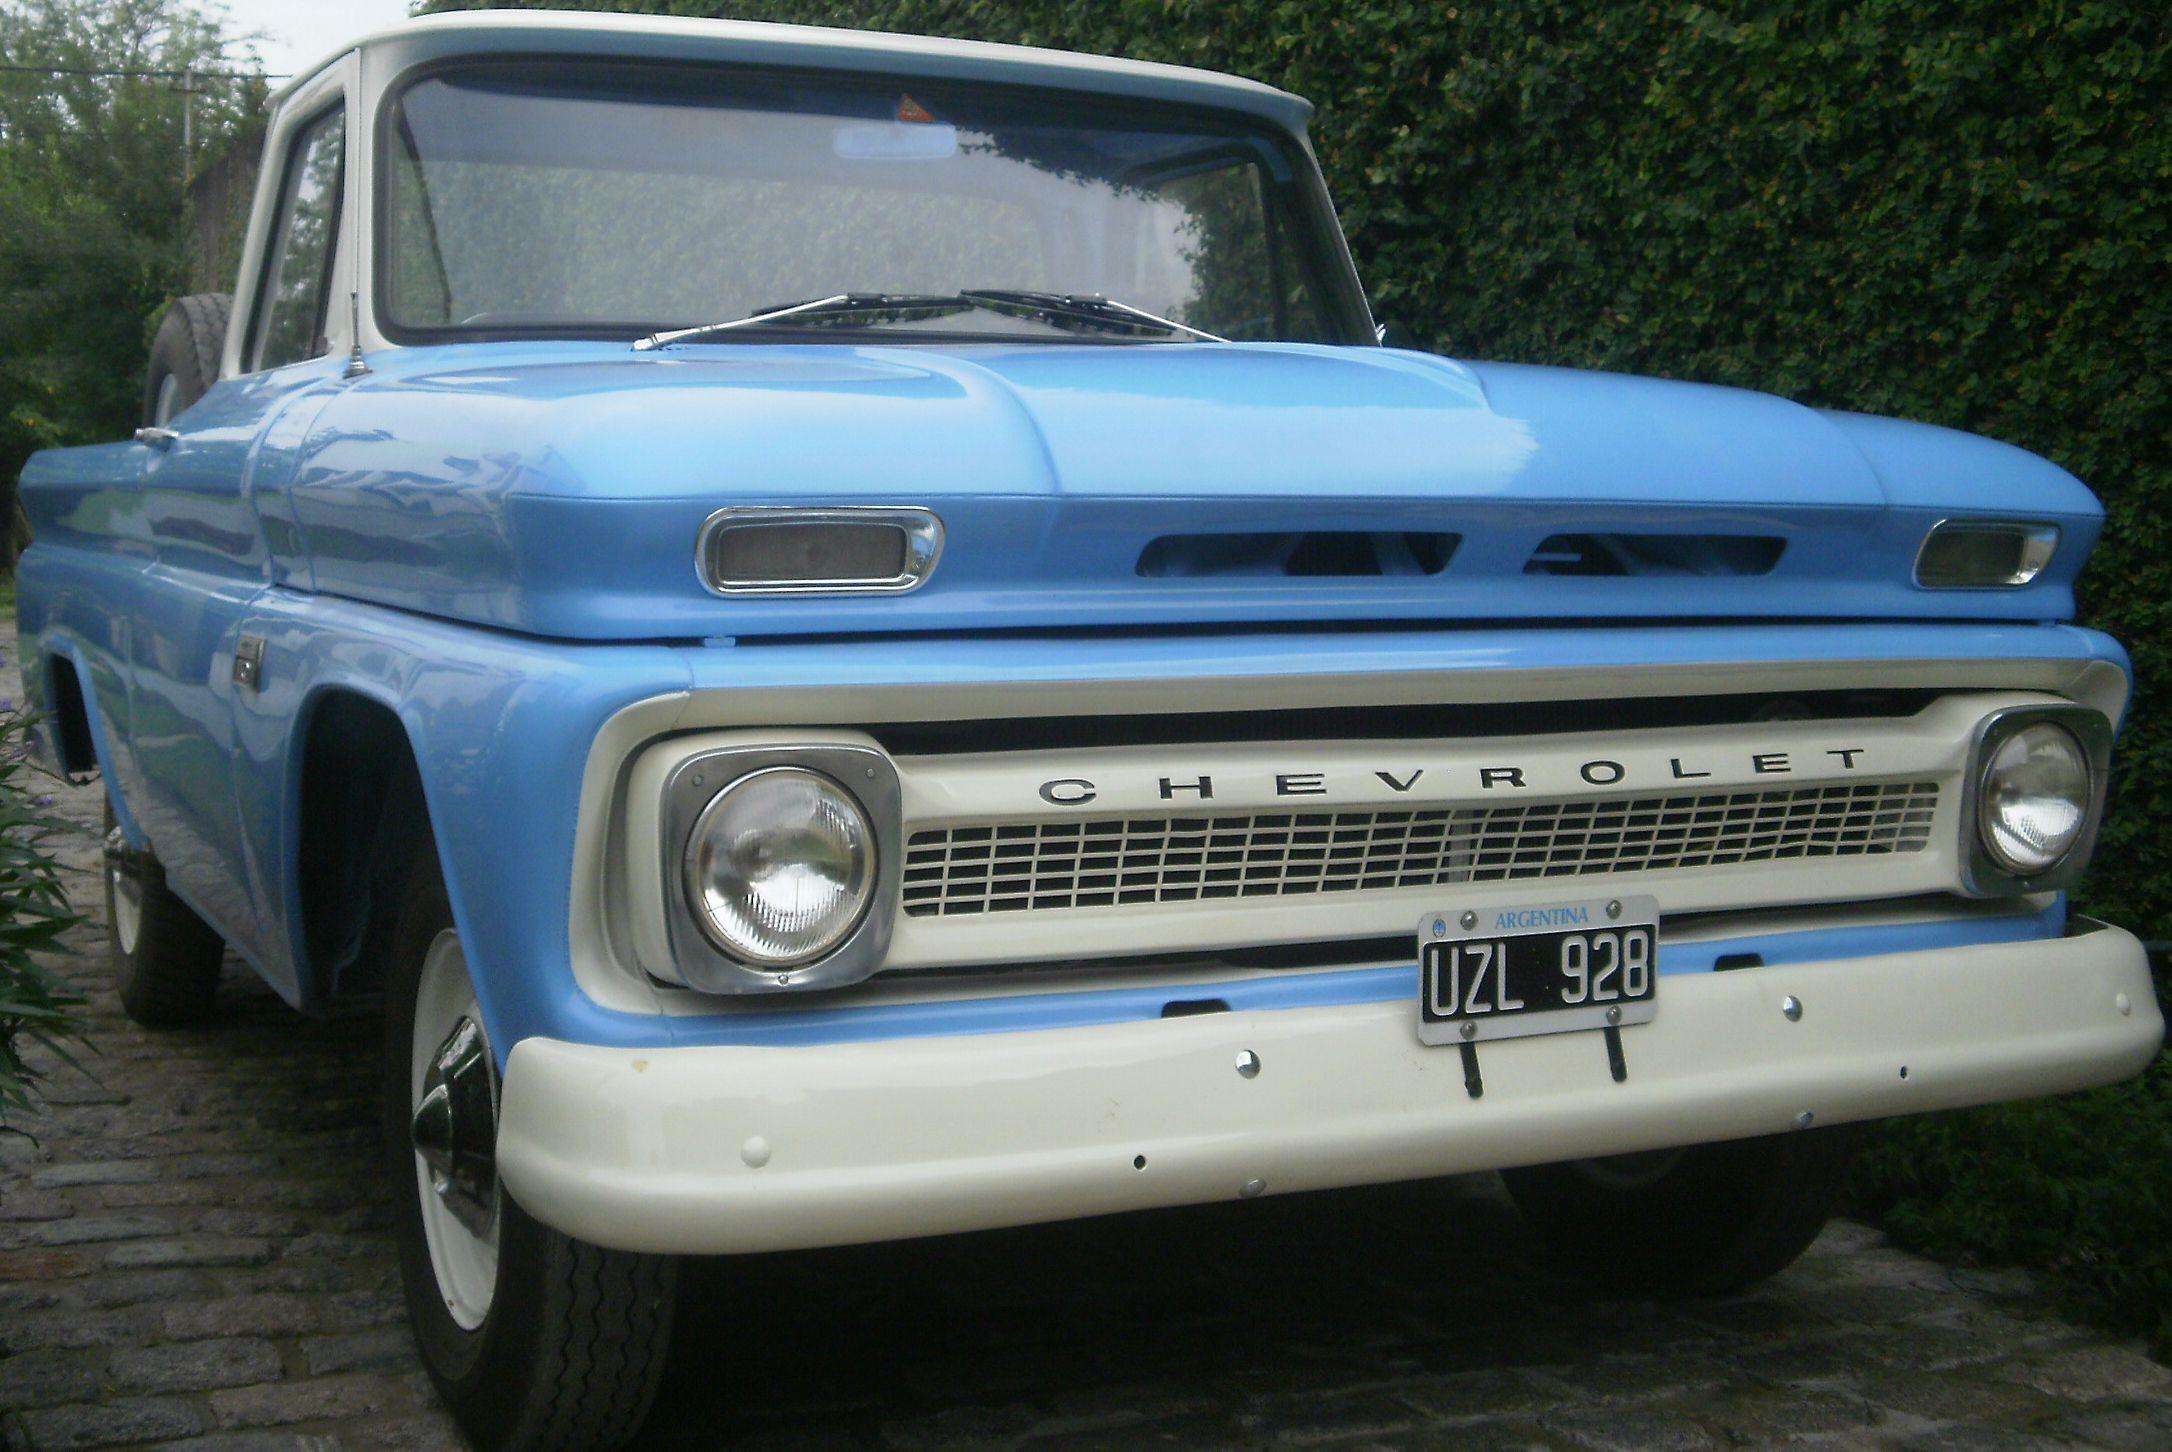 Chevrolet del año 1966 apache